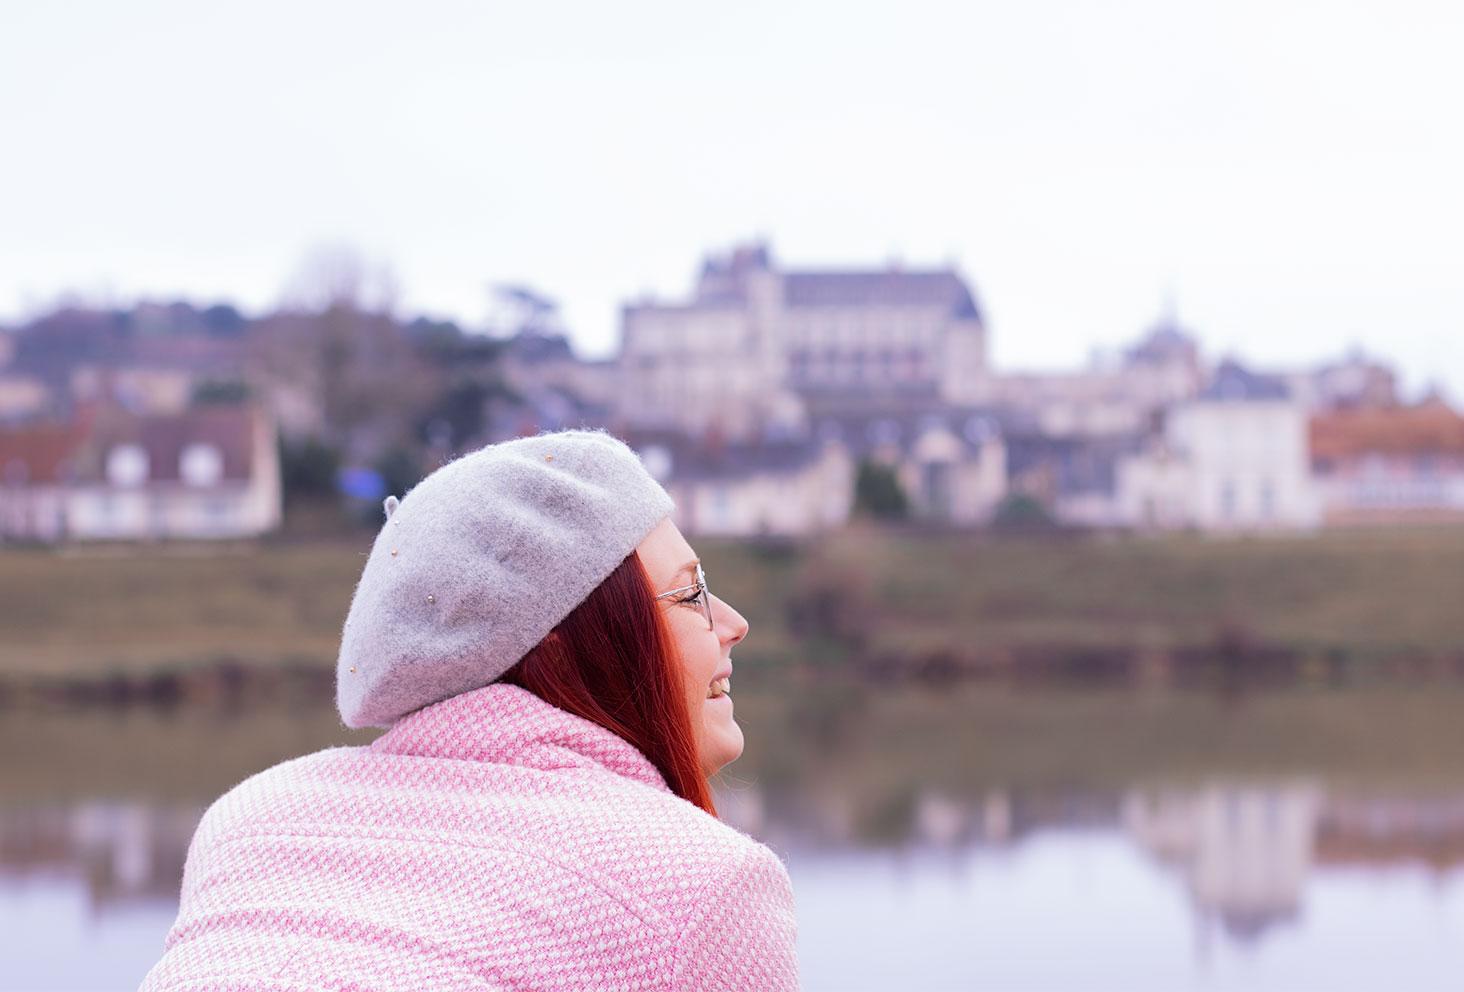 Le château d'Amboise de loin dans la brume, appuyé sur une rambarde un béret gris sur la tête de profil